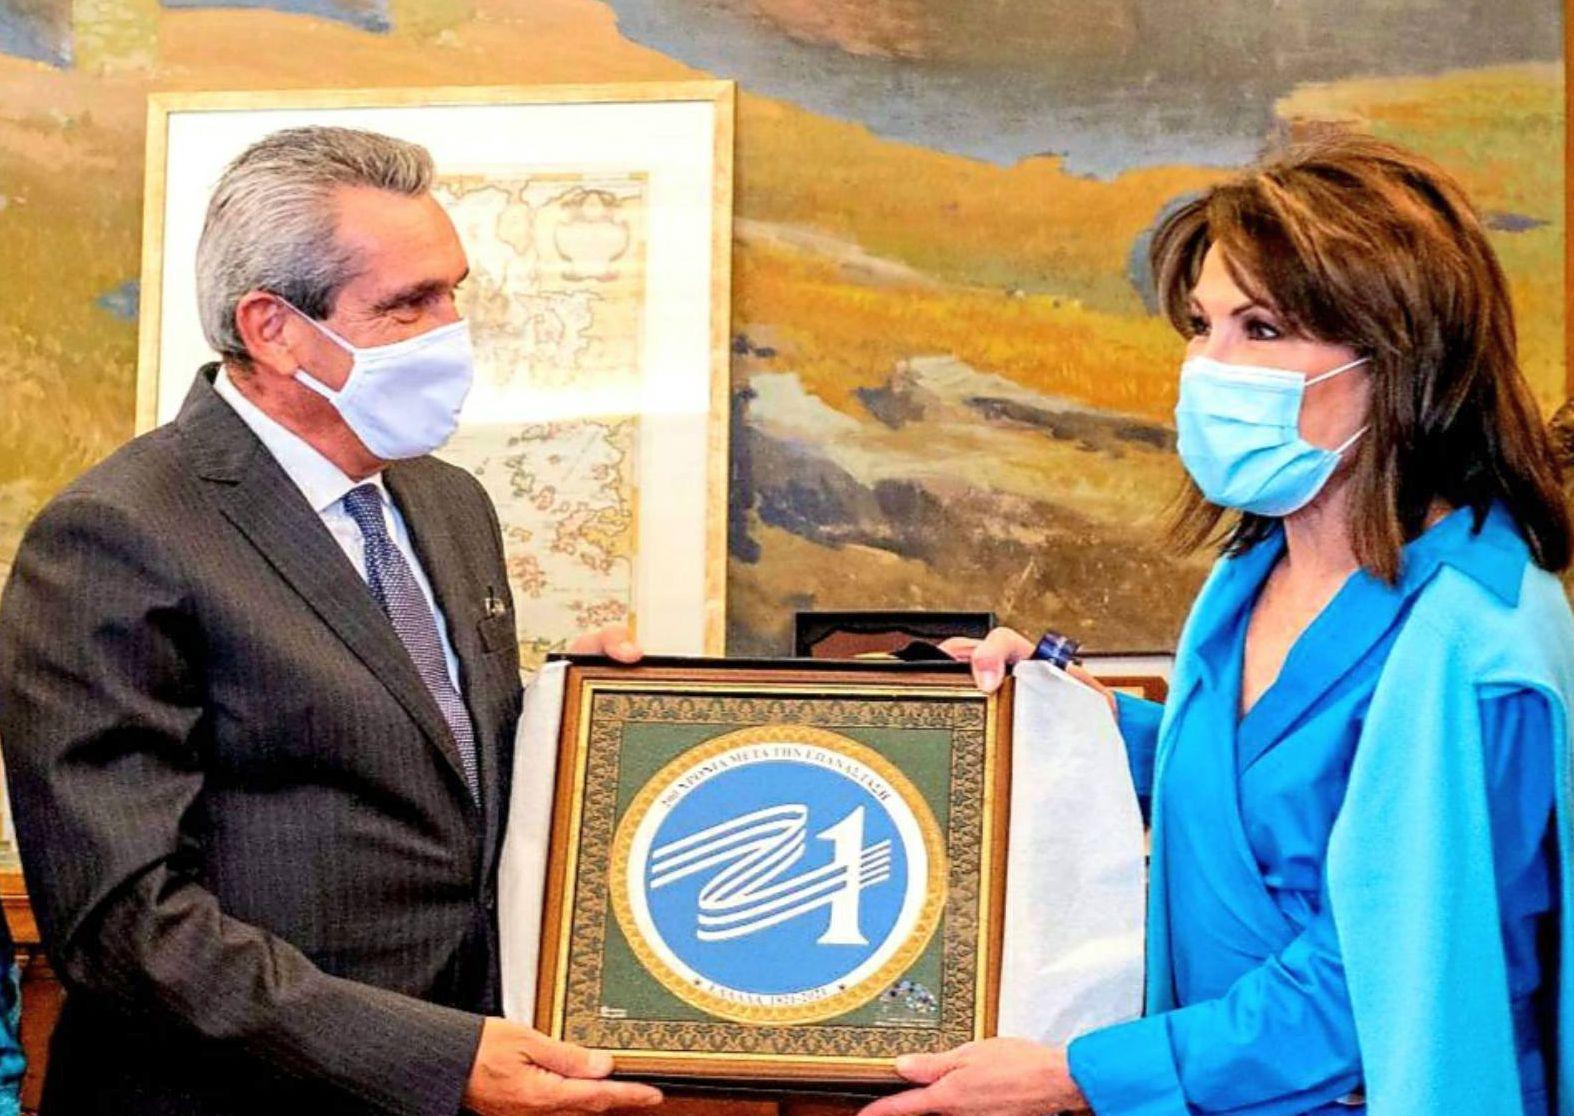 Την Πρόεδρο του «Ελλάδα 2021» Γιάννα Αγγελοπούλου, υποδέχθηκε ο Περιφερειάρχης